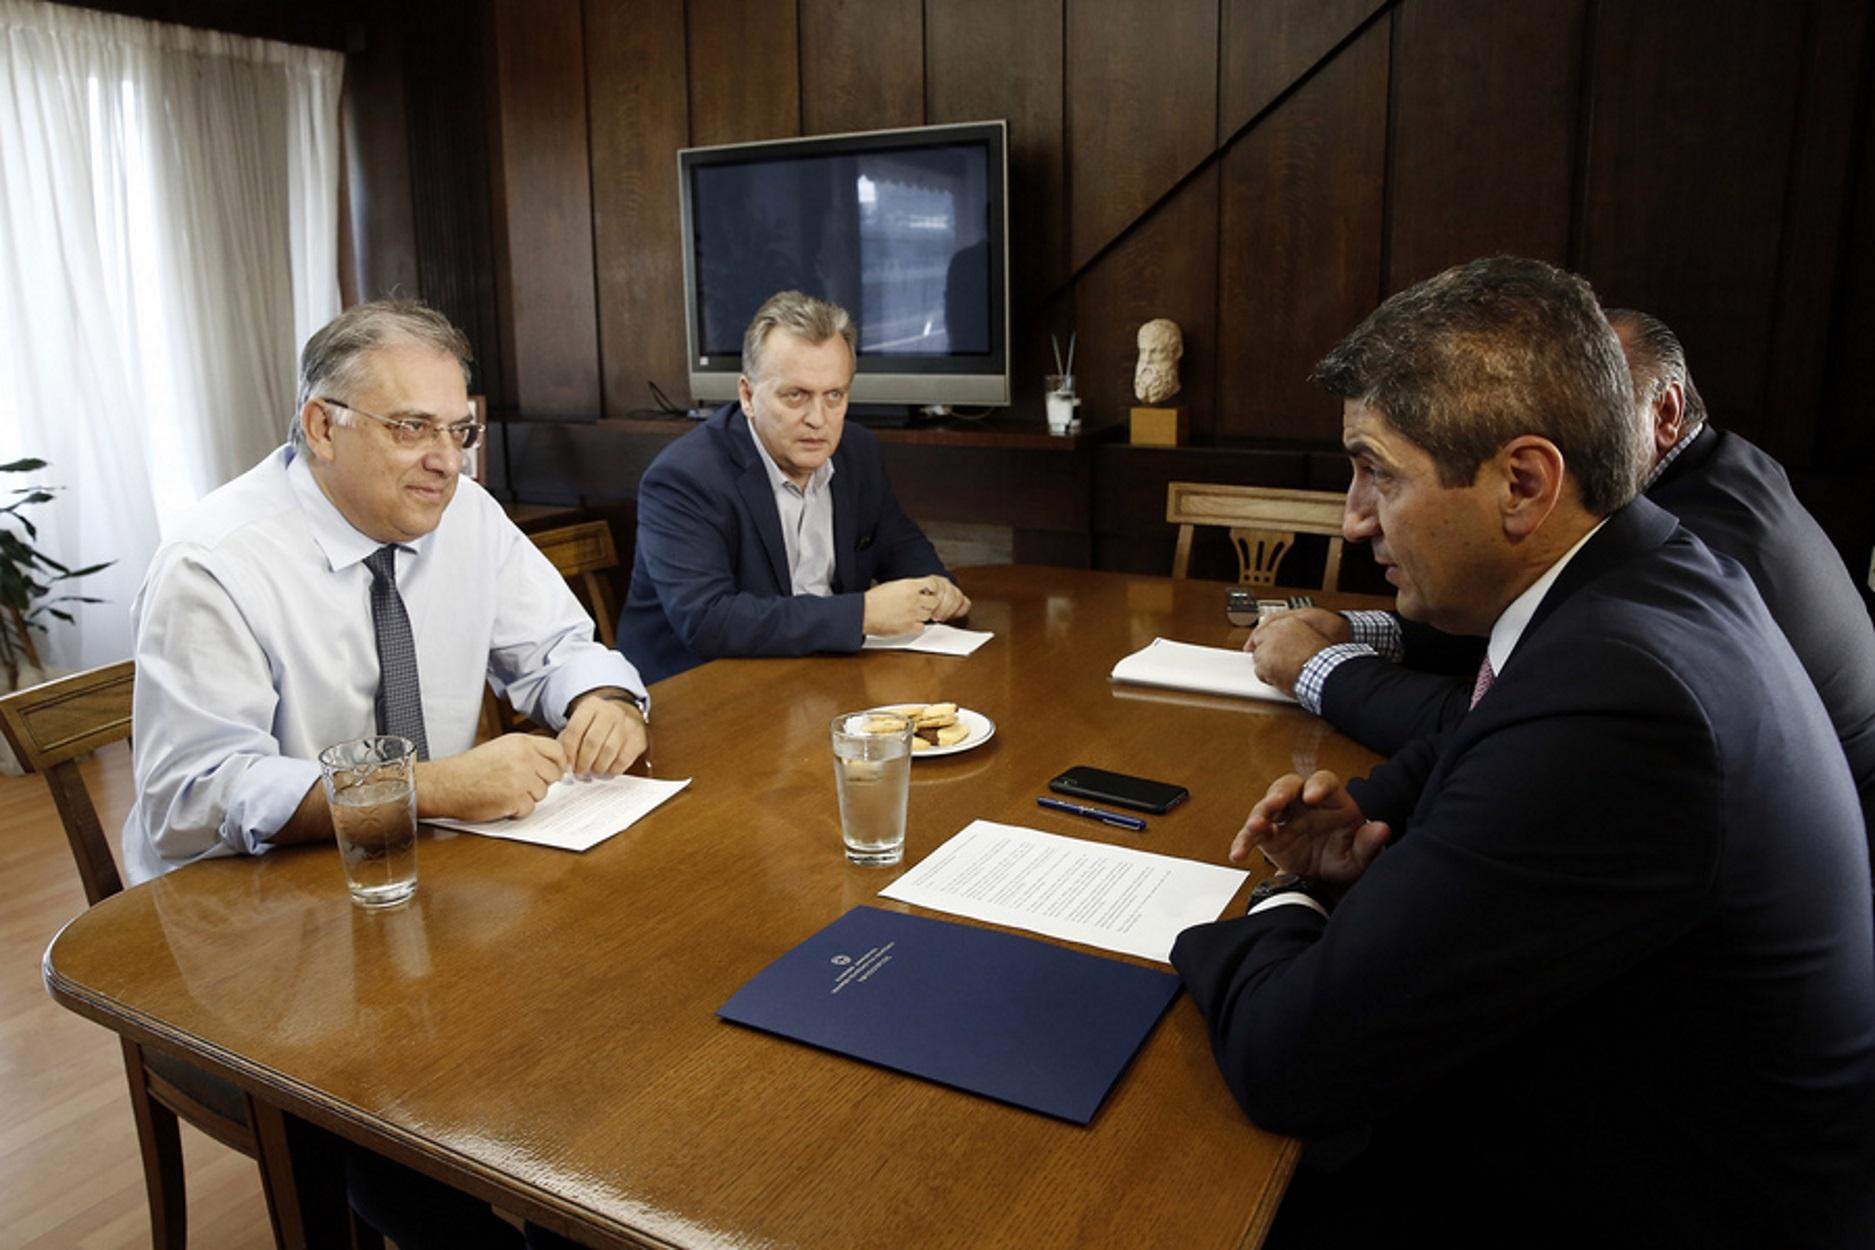 100 εκατ. ευρώ για την ασφάλεια αθλητικών εγκαταστάσεων υποσχέθηκε ο Θεοδωρικάκος στον Αυγενάκη